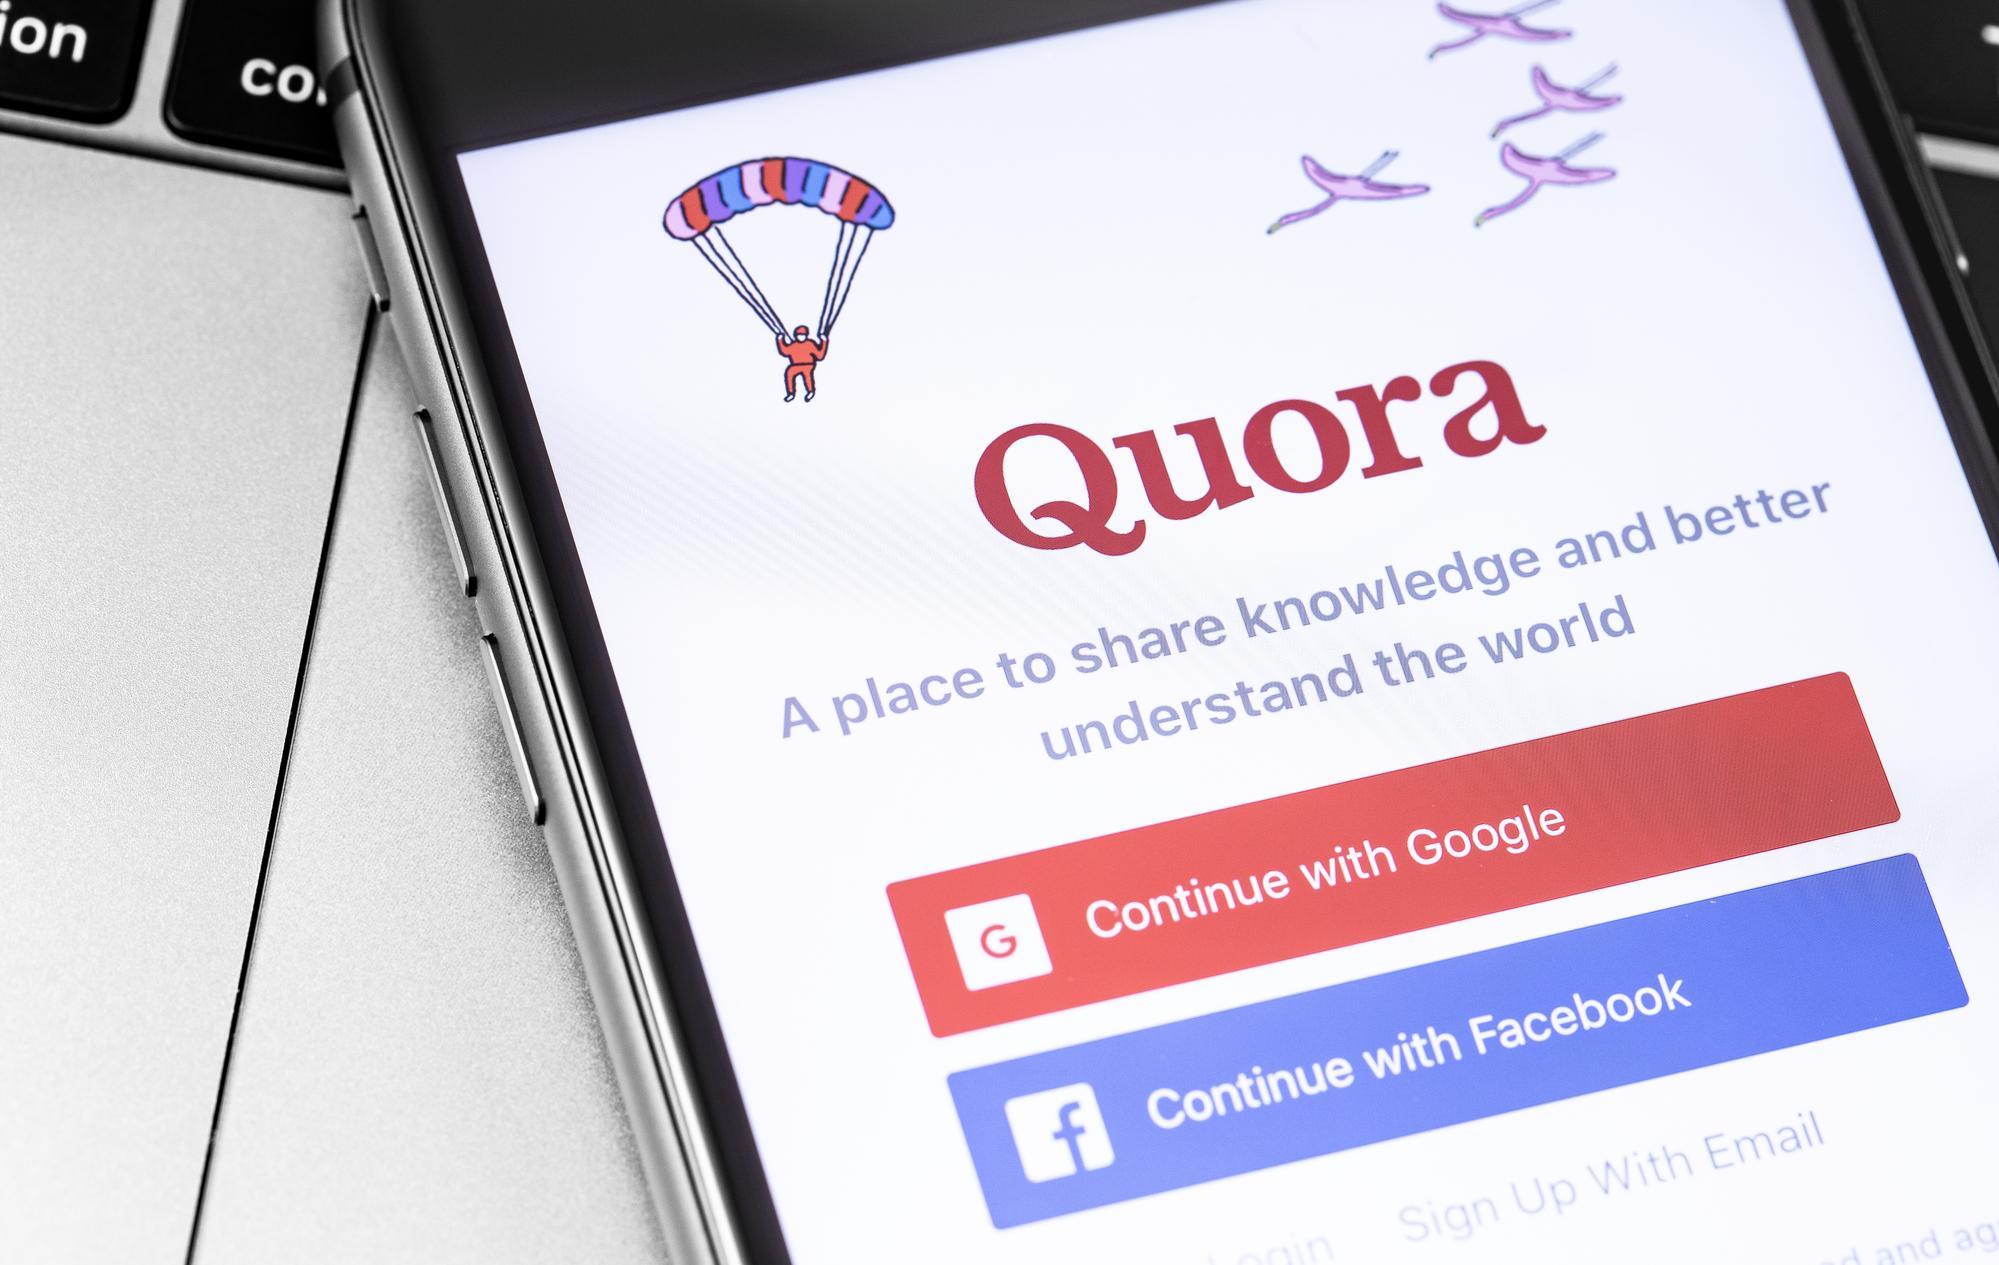 Quora mobile app